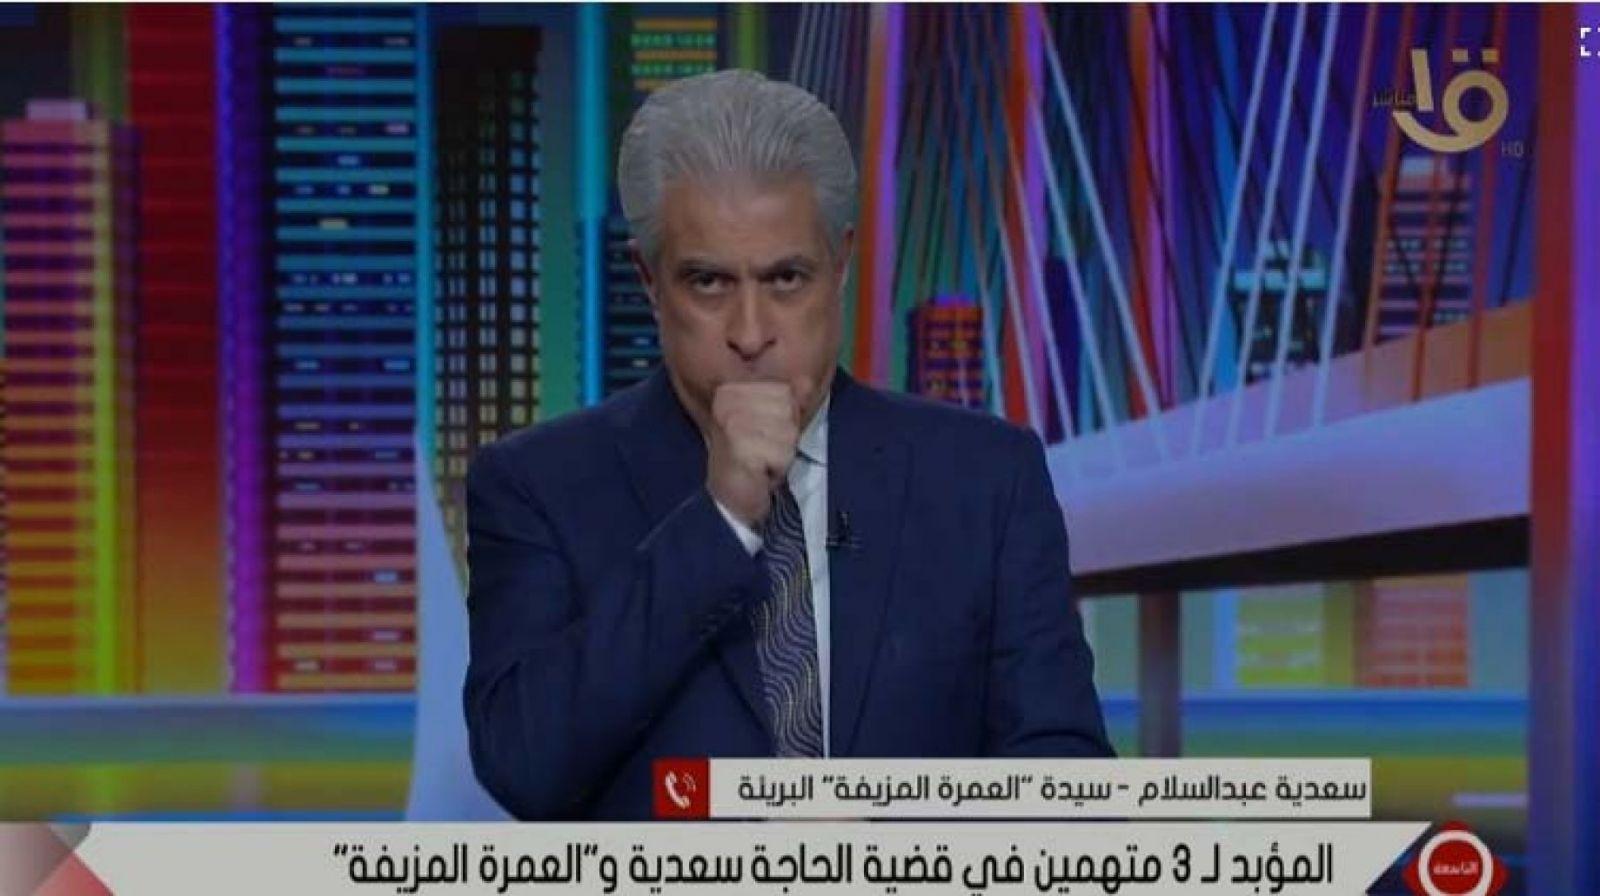 الاعلامي وائل الإبراشي